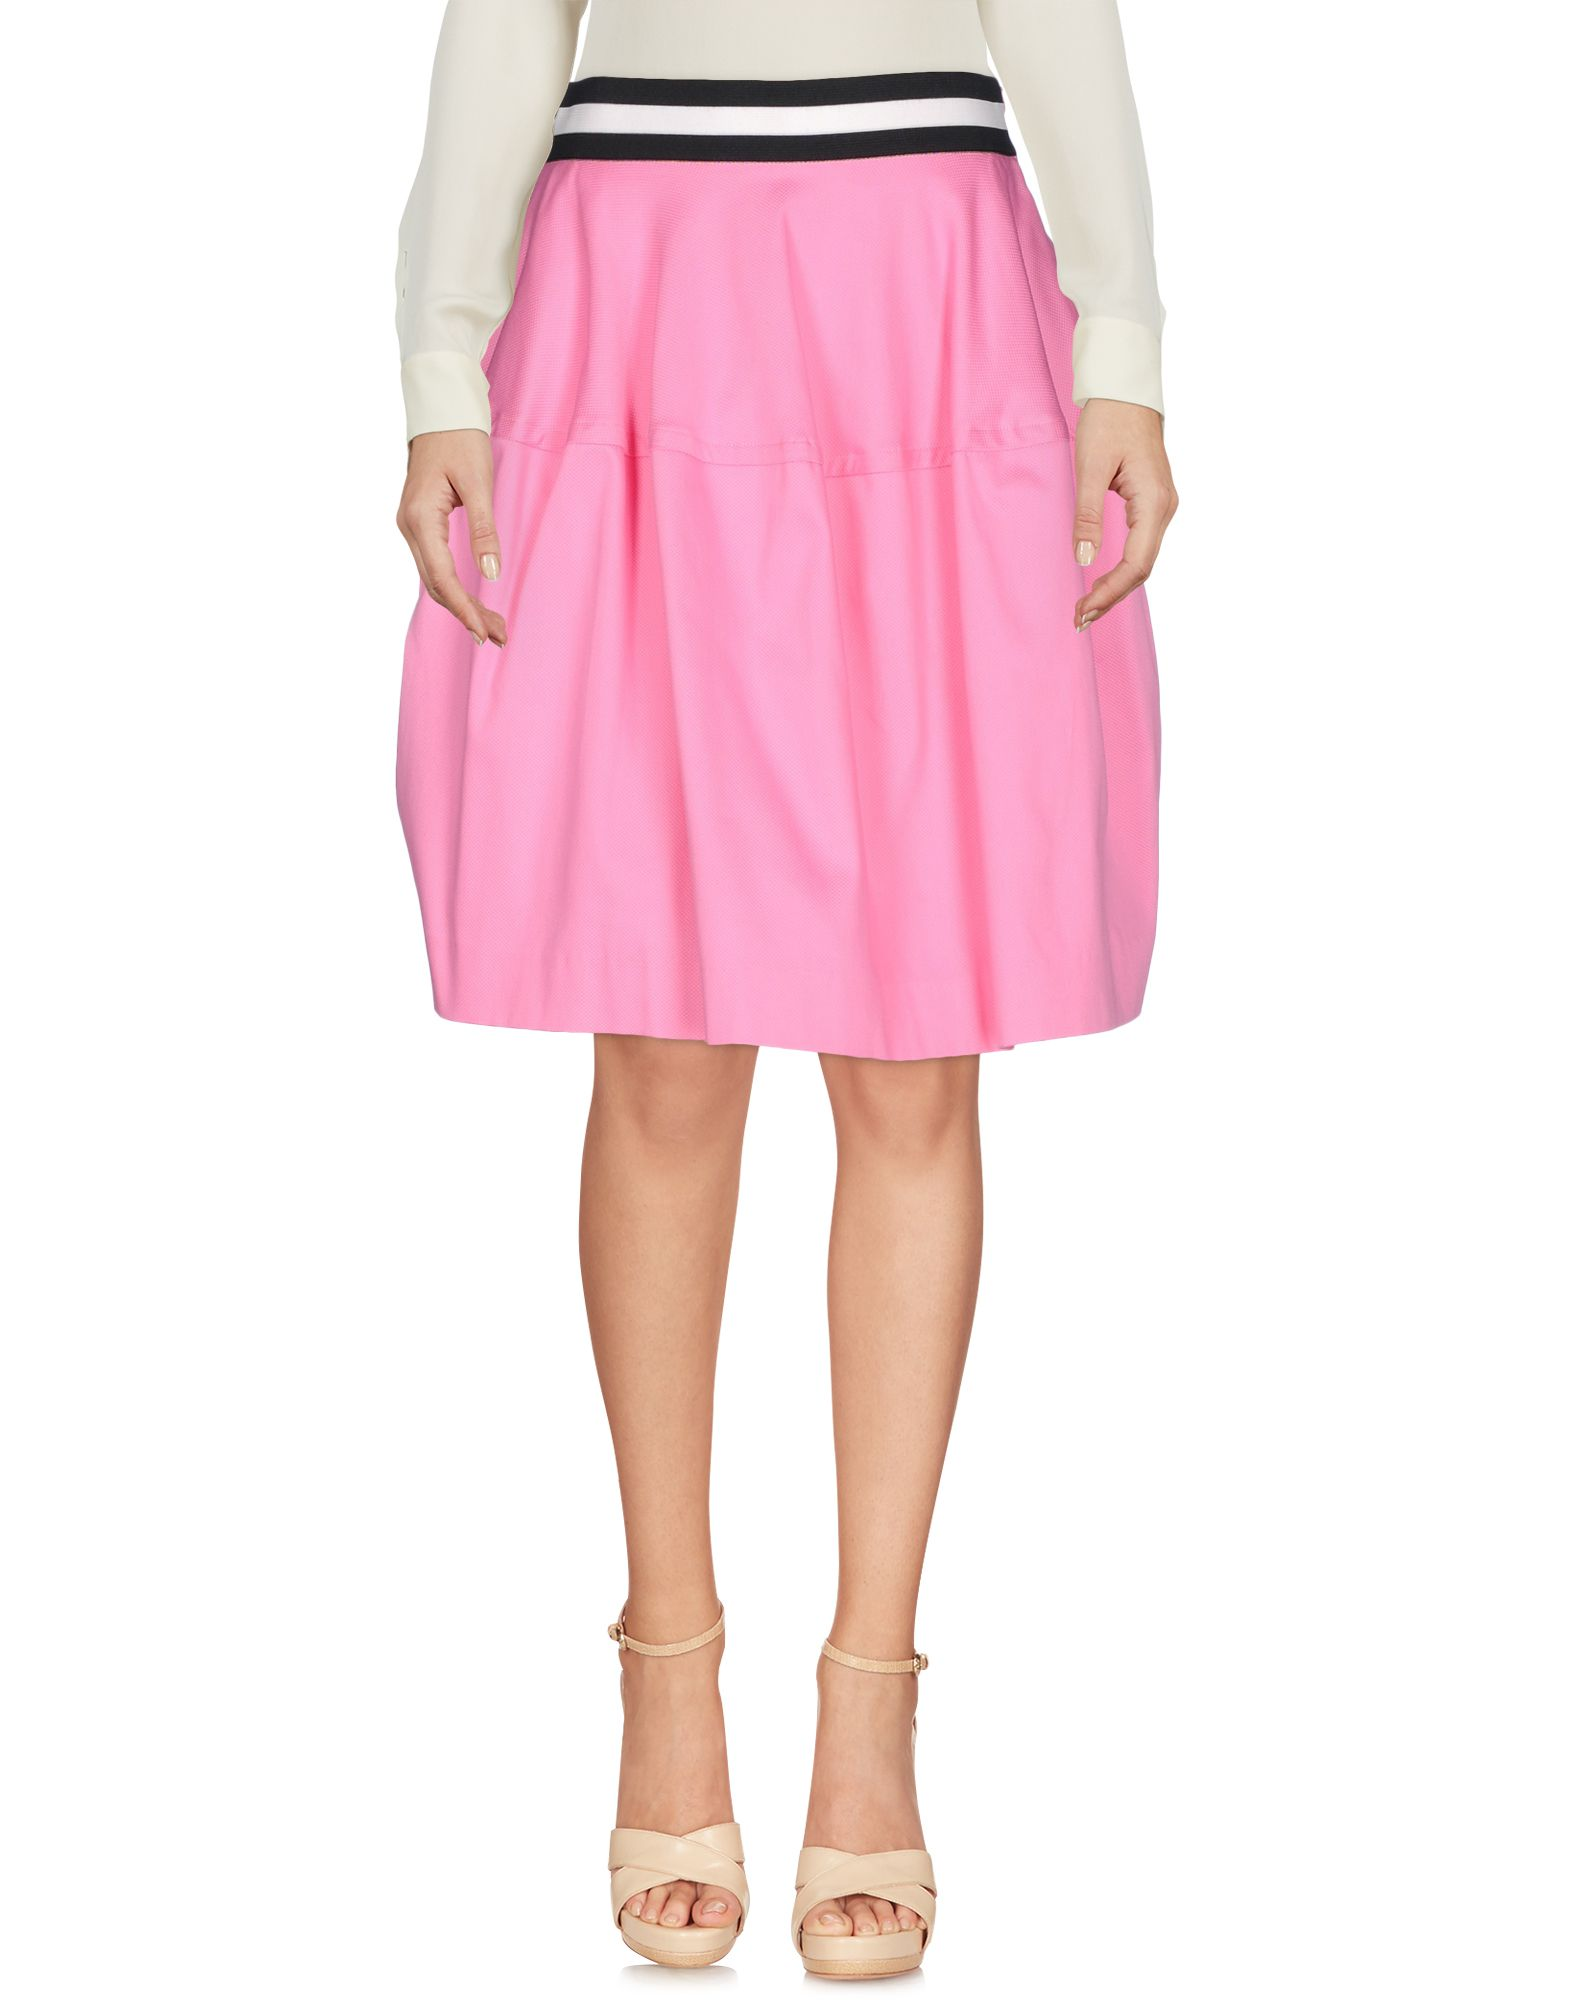 P.A.R.O.S.H. Damen Knielanger Rock Farbe Rosa Größe 4 jetztbilligerkaufen